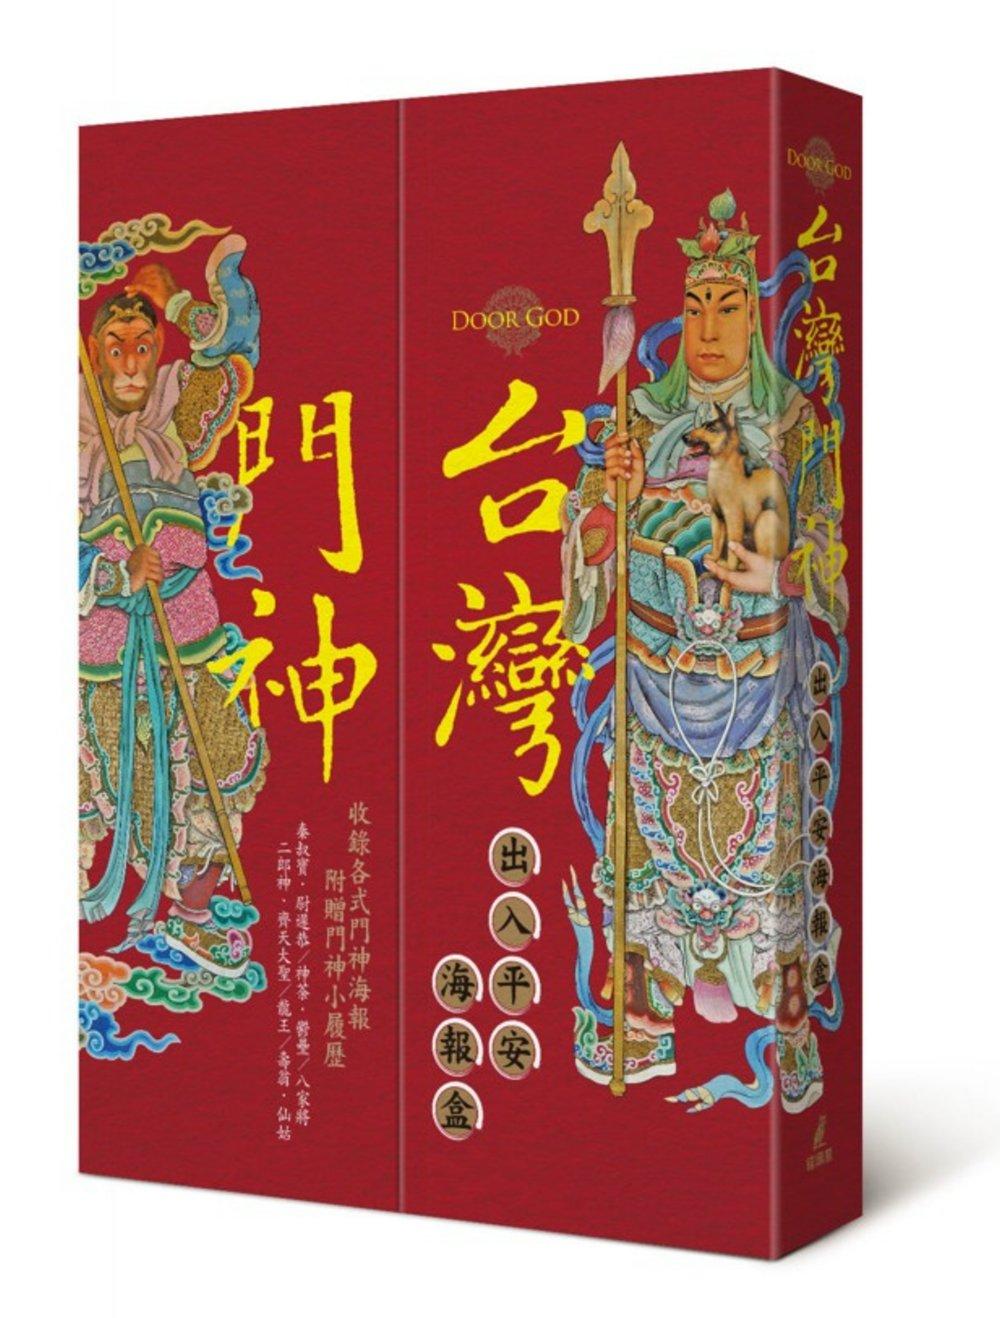 台灣門神出入平安海報盒(六組海報+門神小履歷,附精美對開書盒)